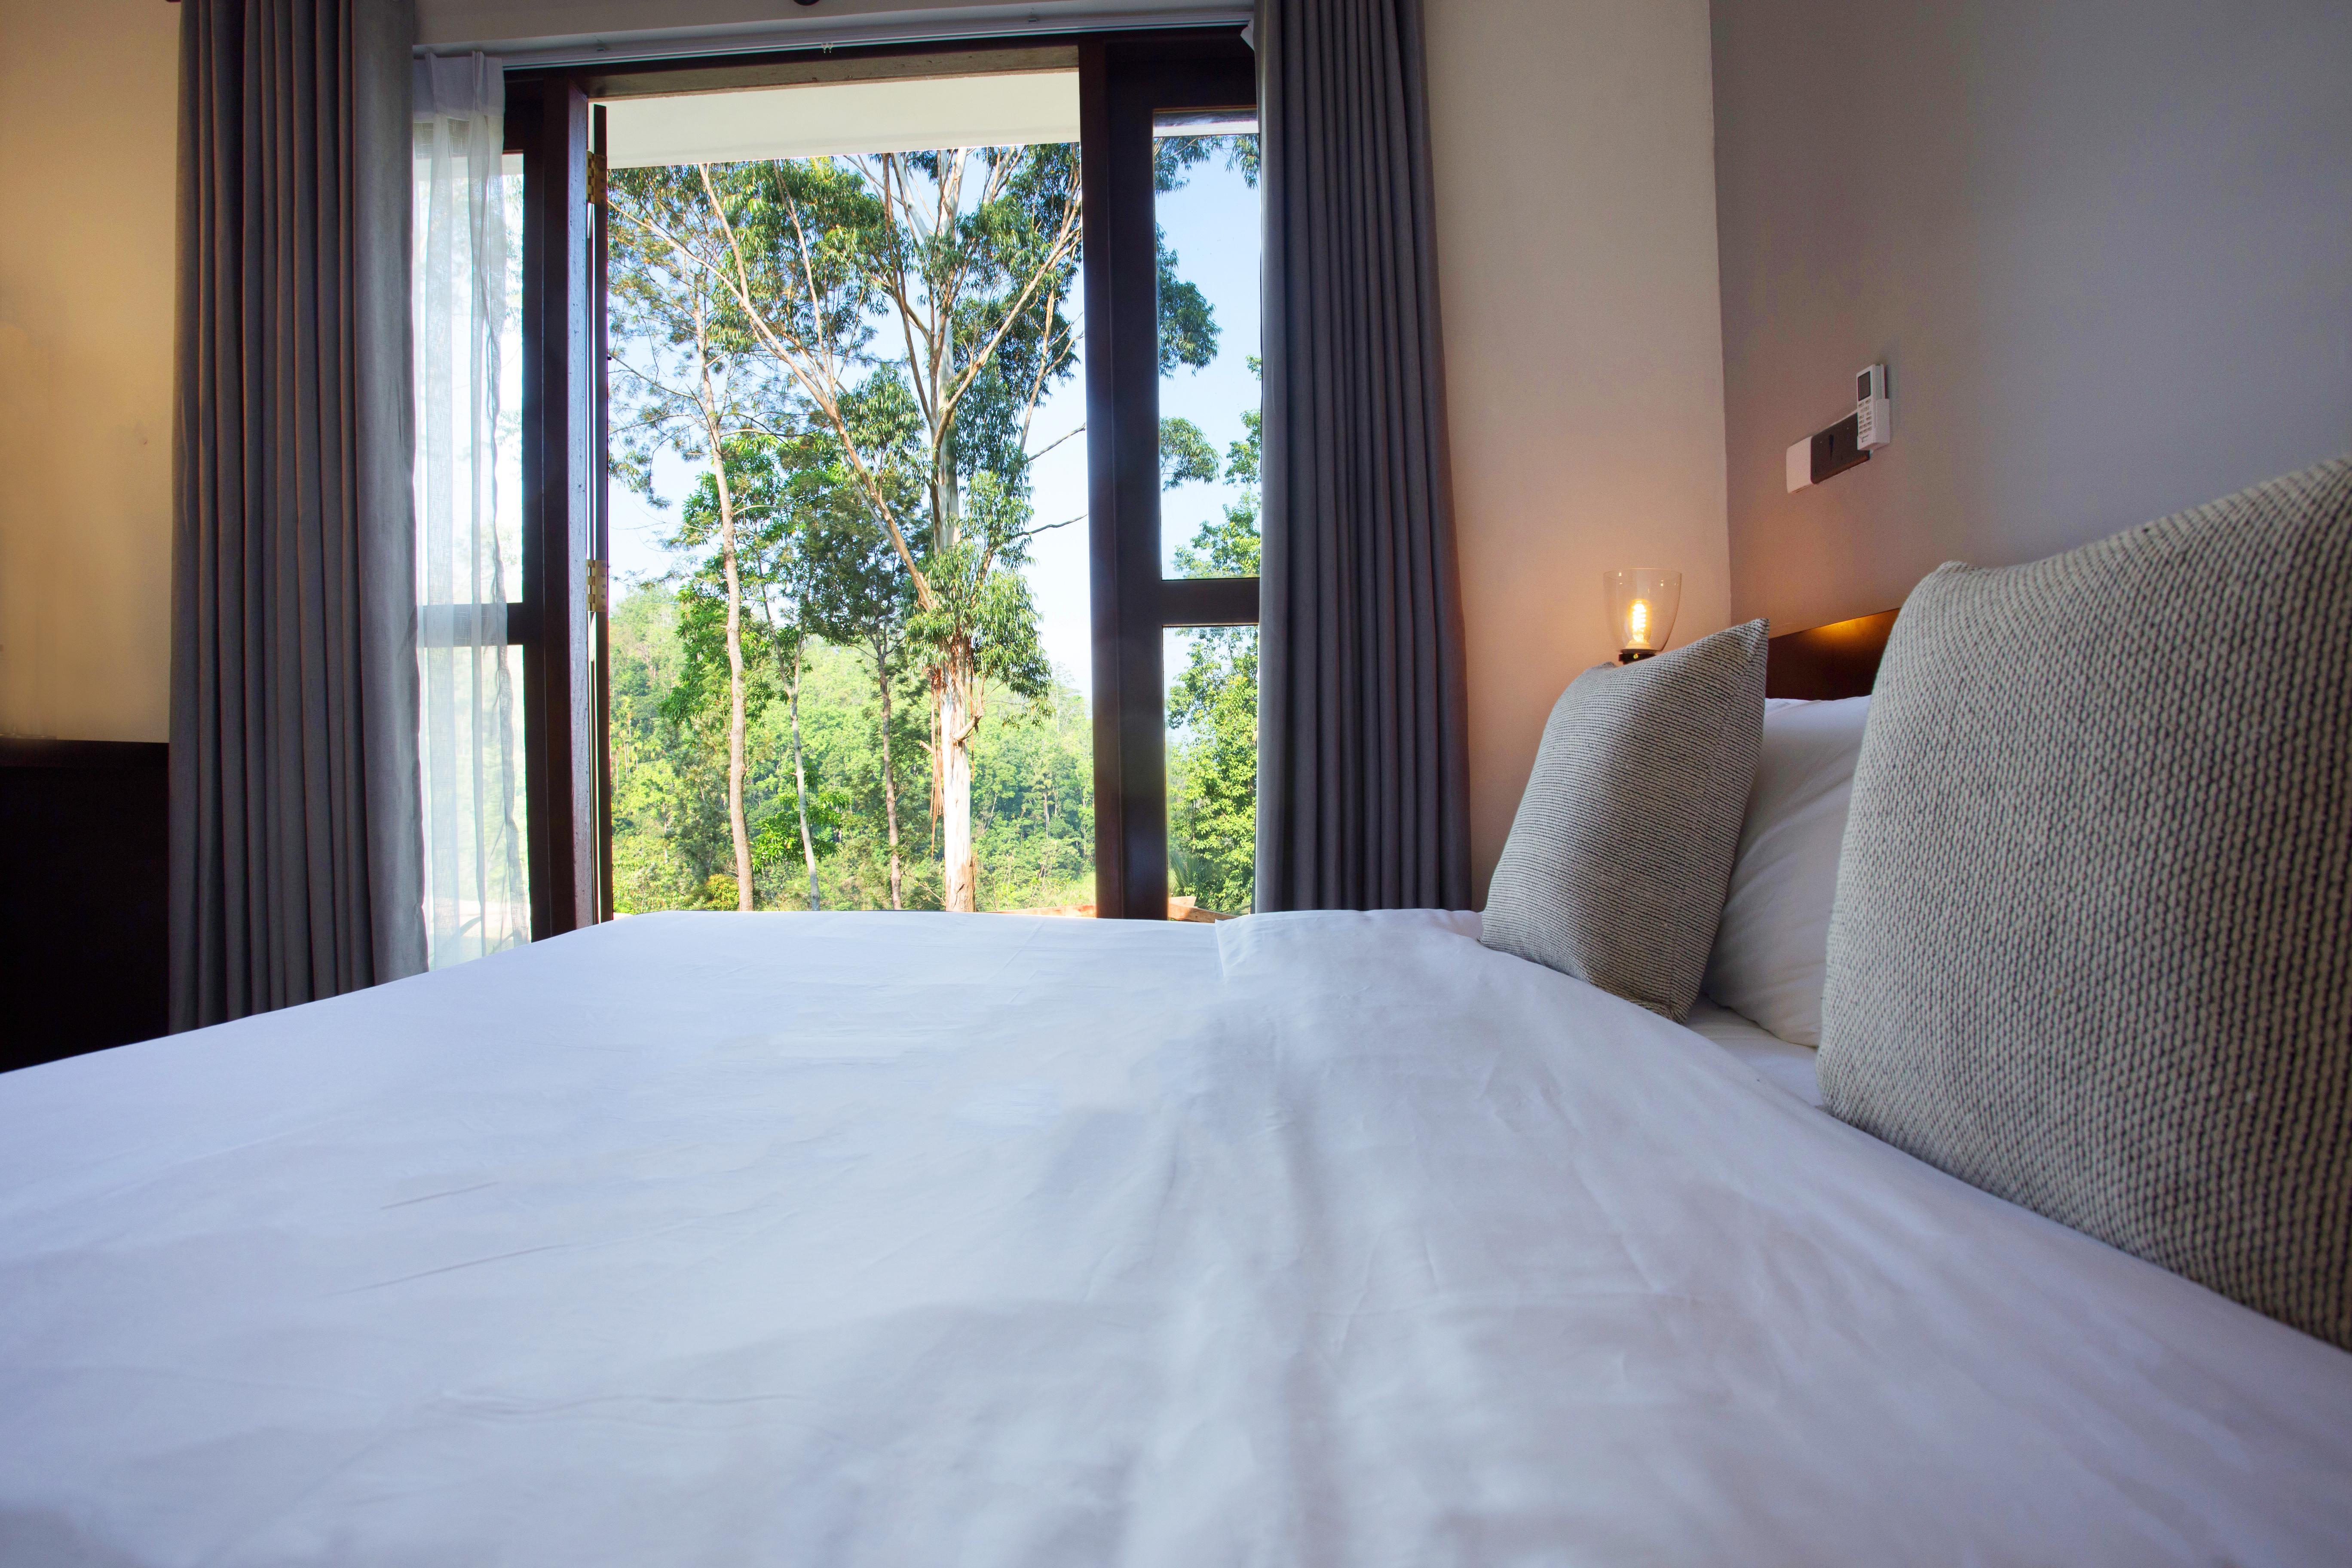 Rooms with garden balconies